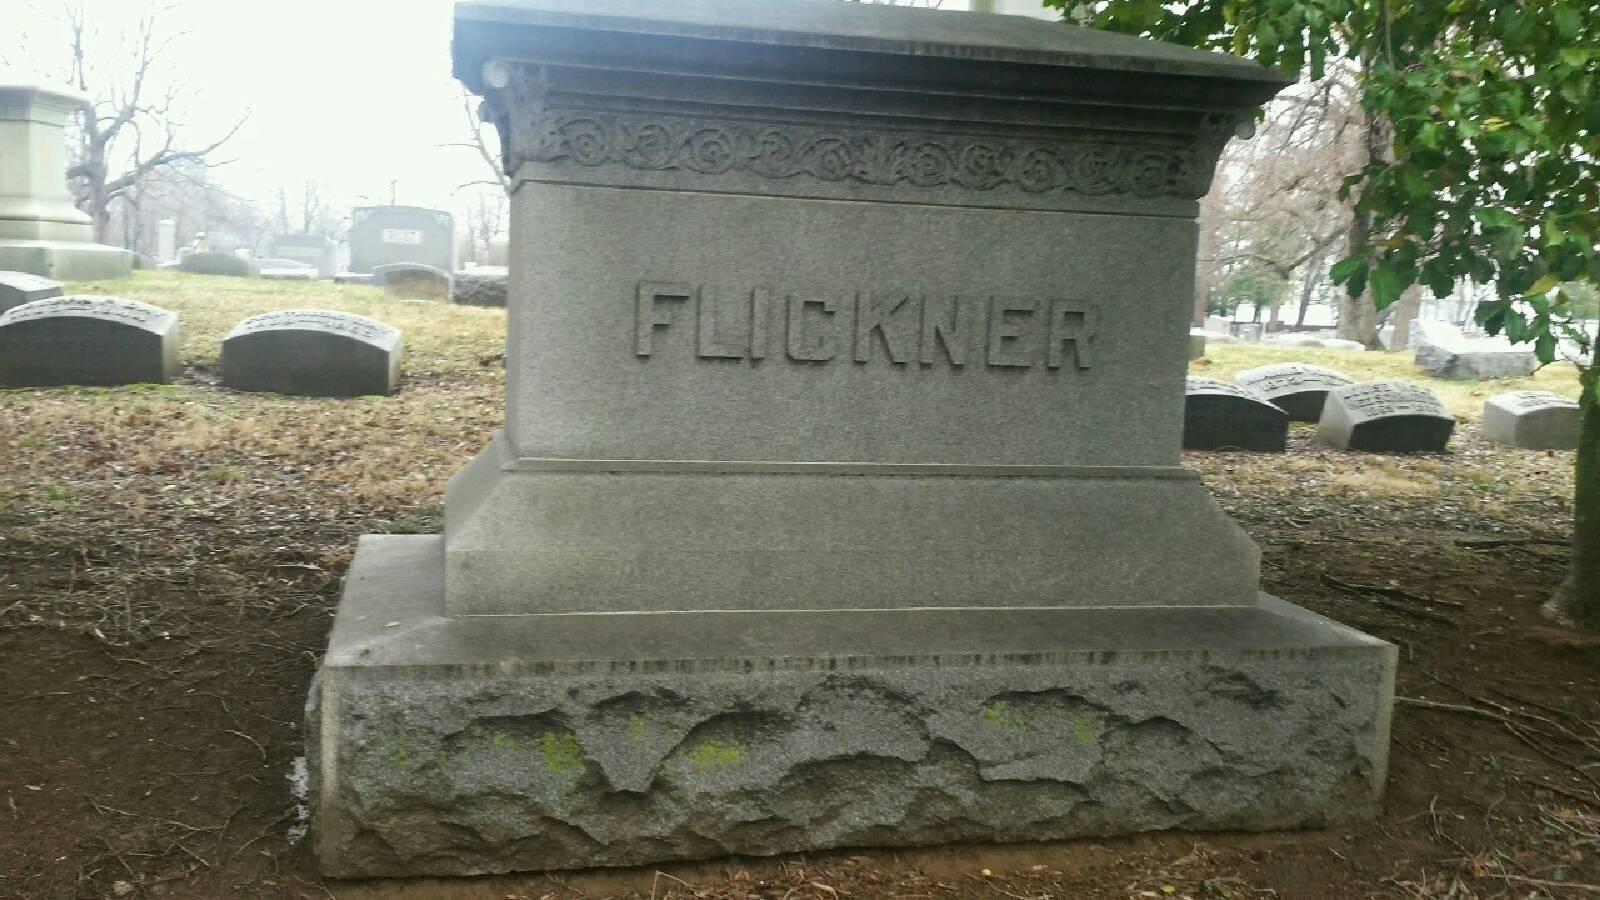 Genevieve <i>Smith</i> Flickner